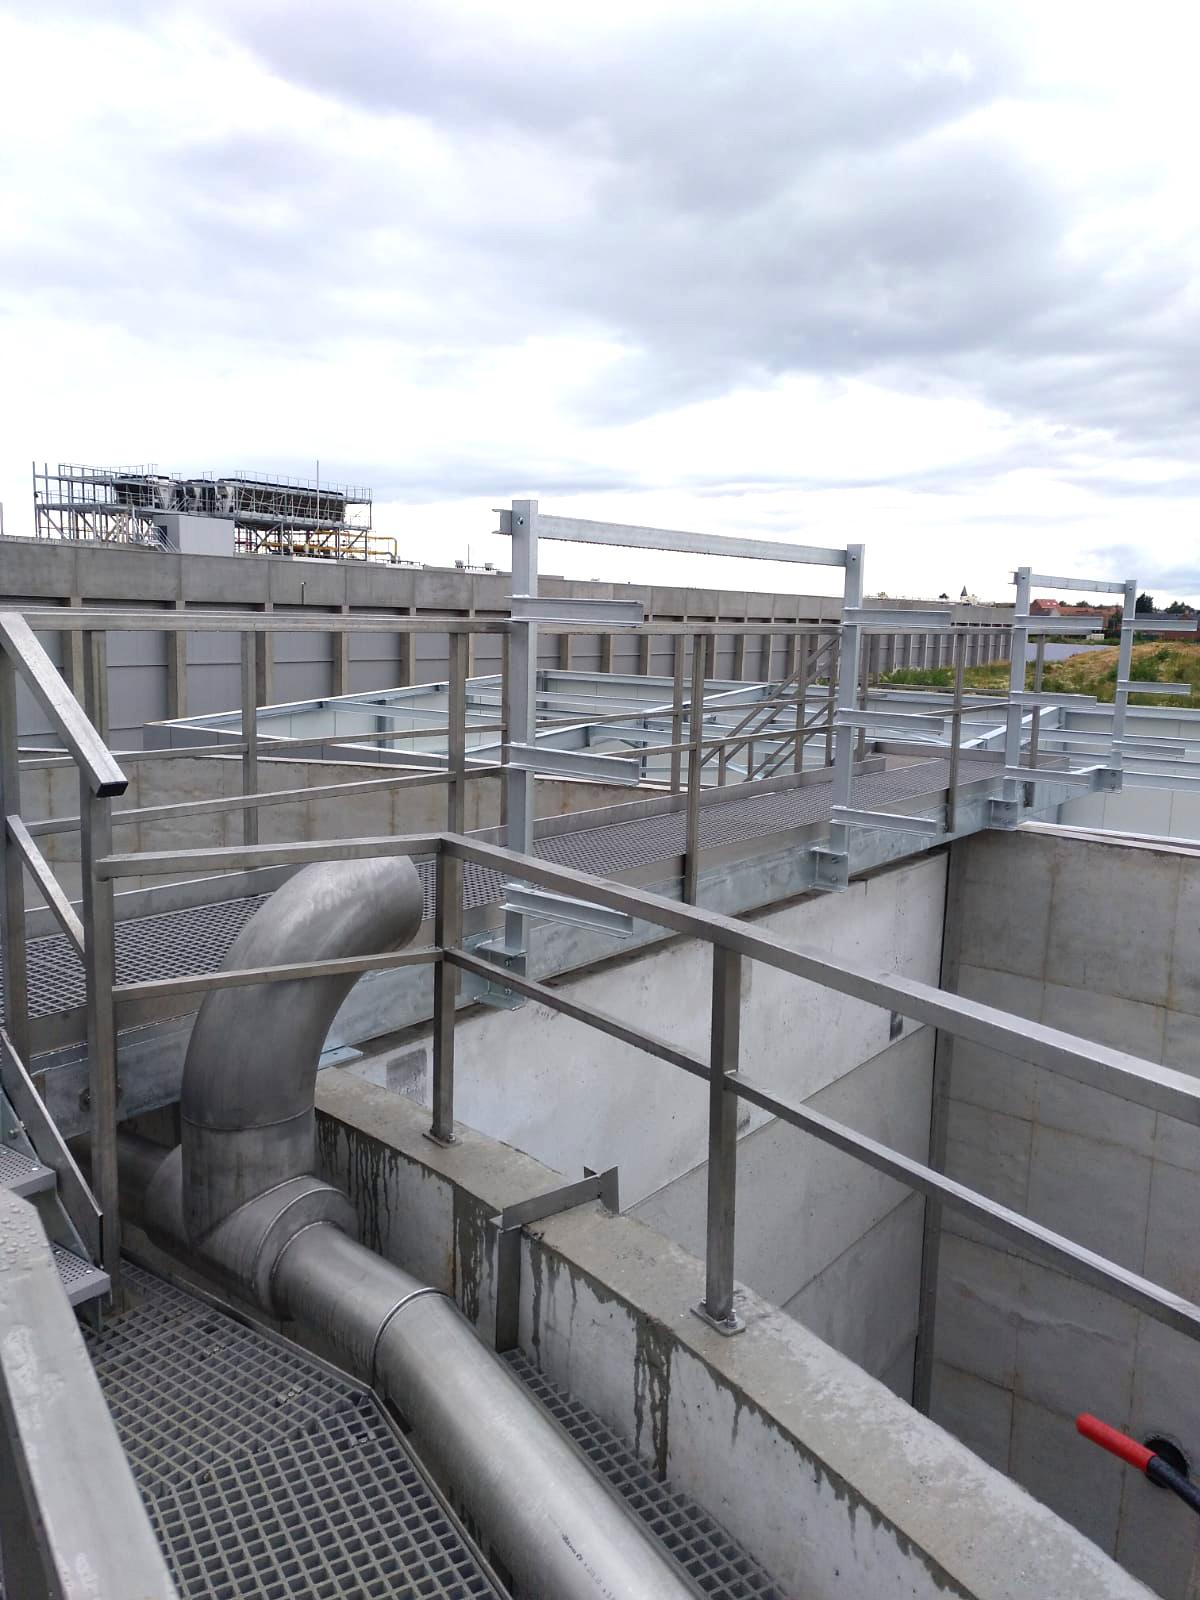 Mydibel Water Treatment INDEREN Tratamiento Aguas Mydibel INDEREN-Puente-03